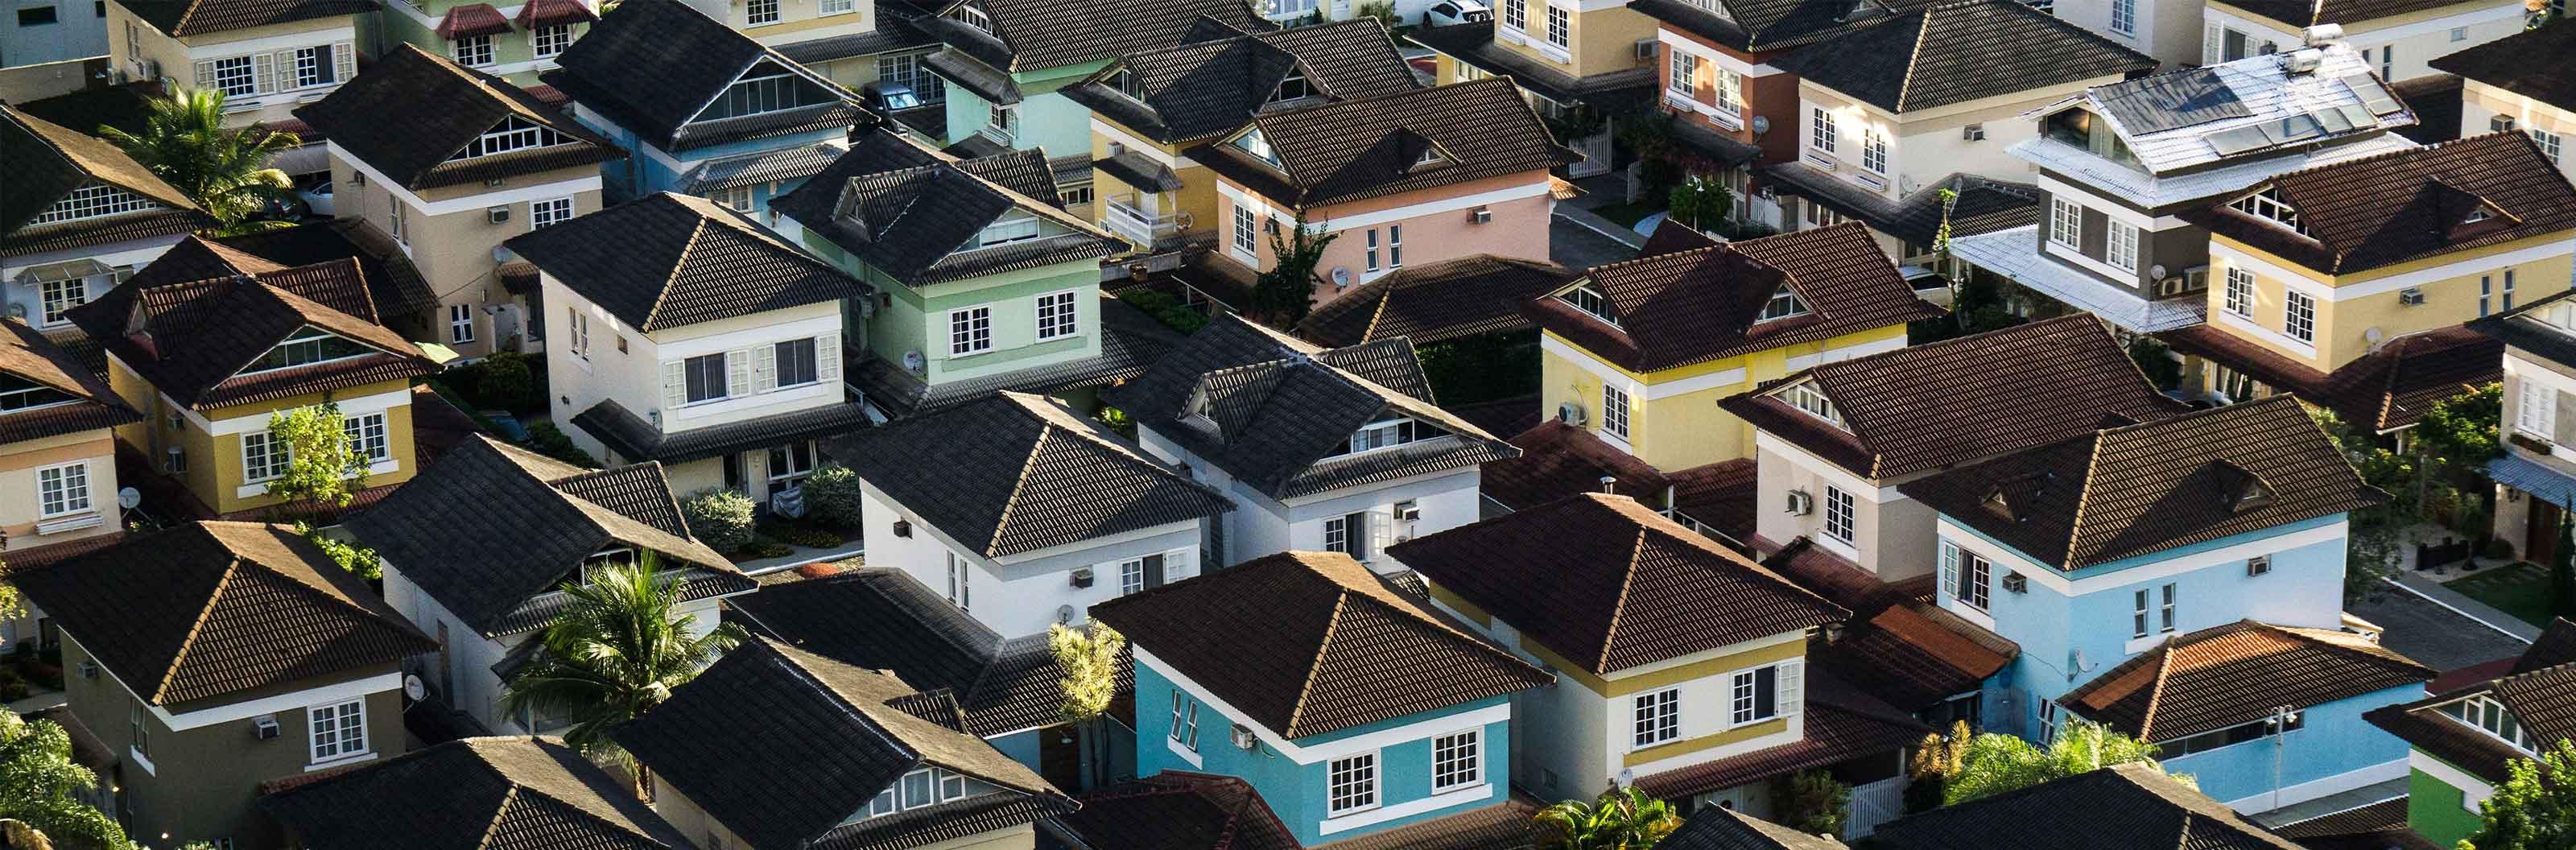 Kredit Zum Hauskauf 012019 Tipps Für Günstige Zinsen